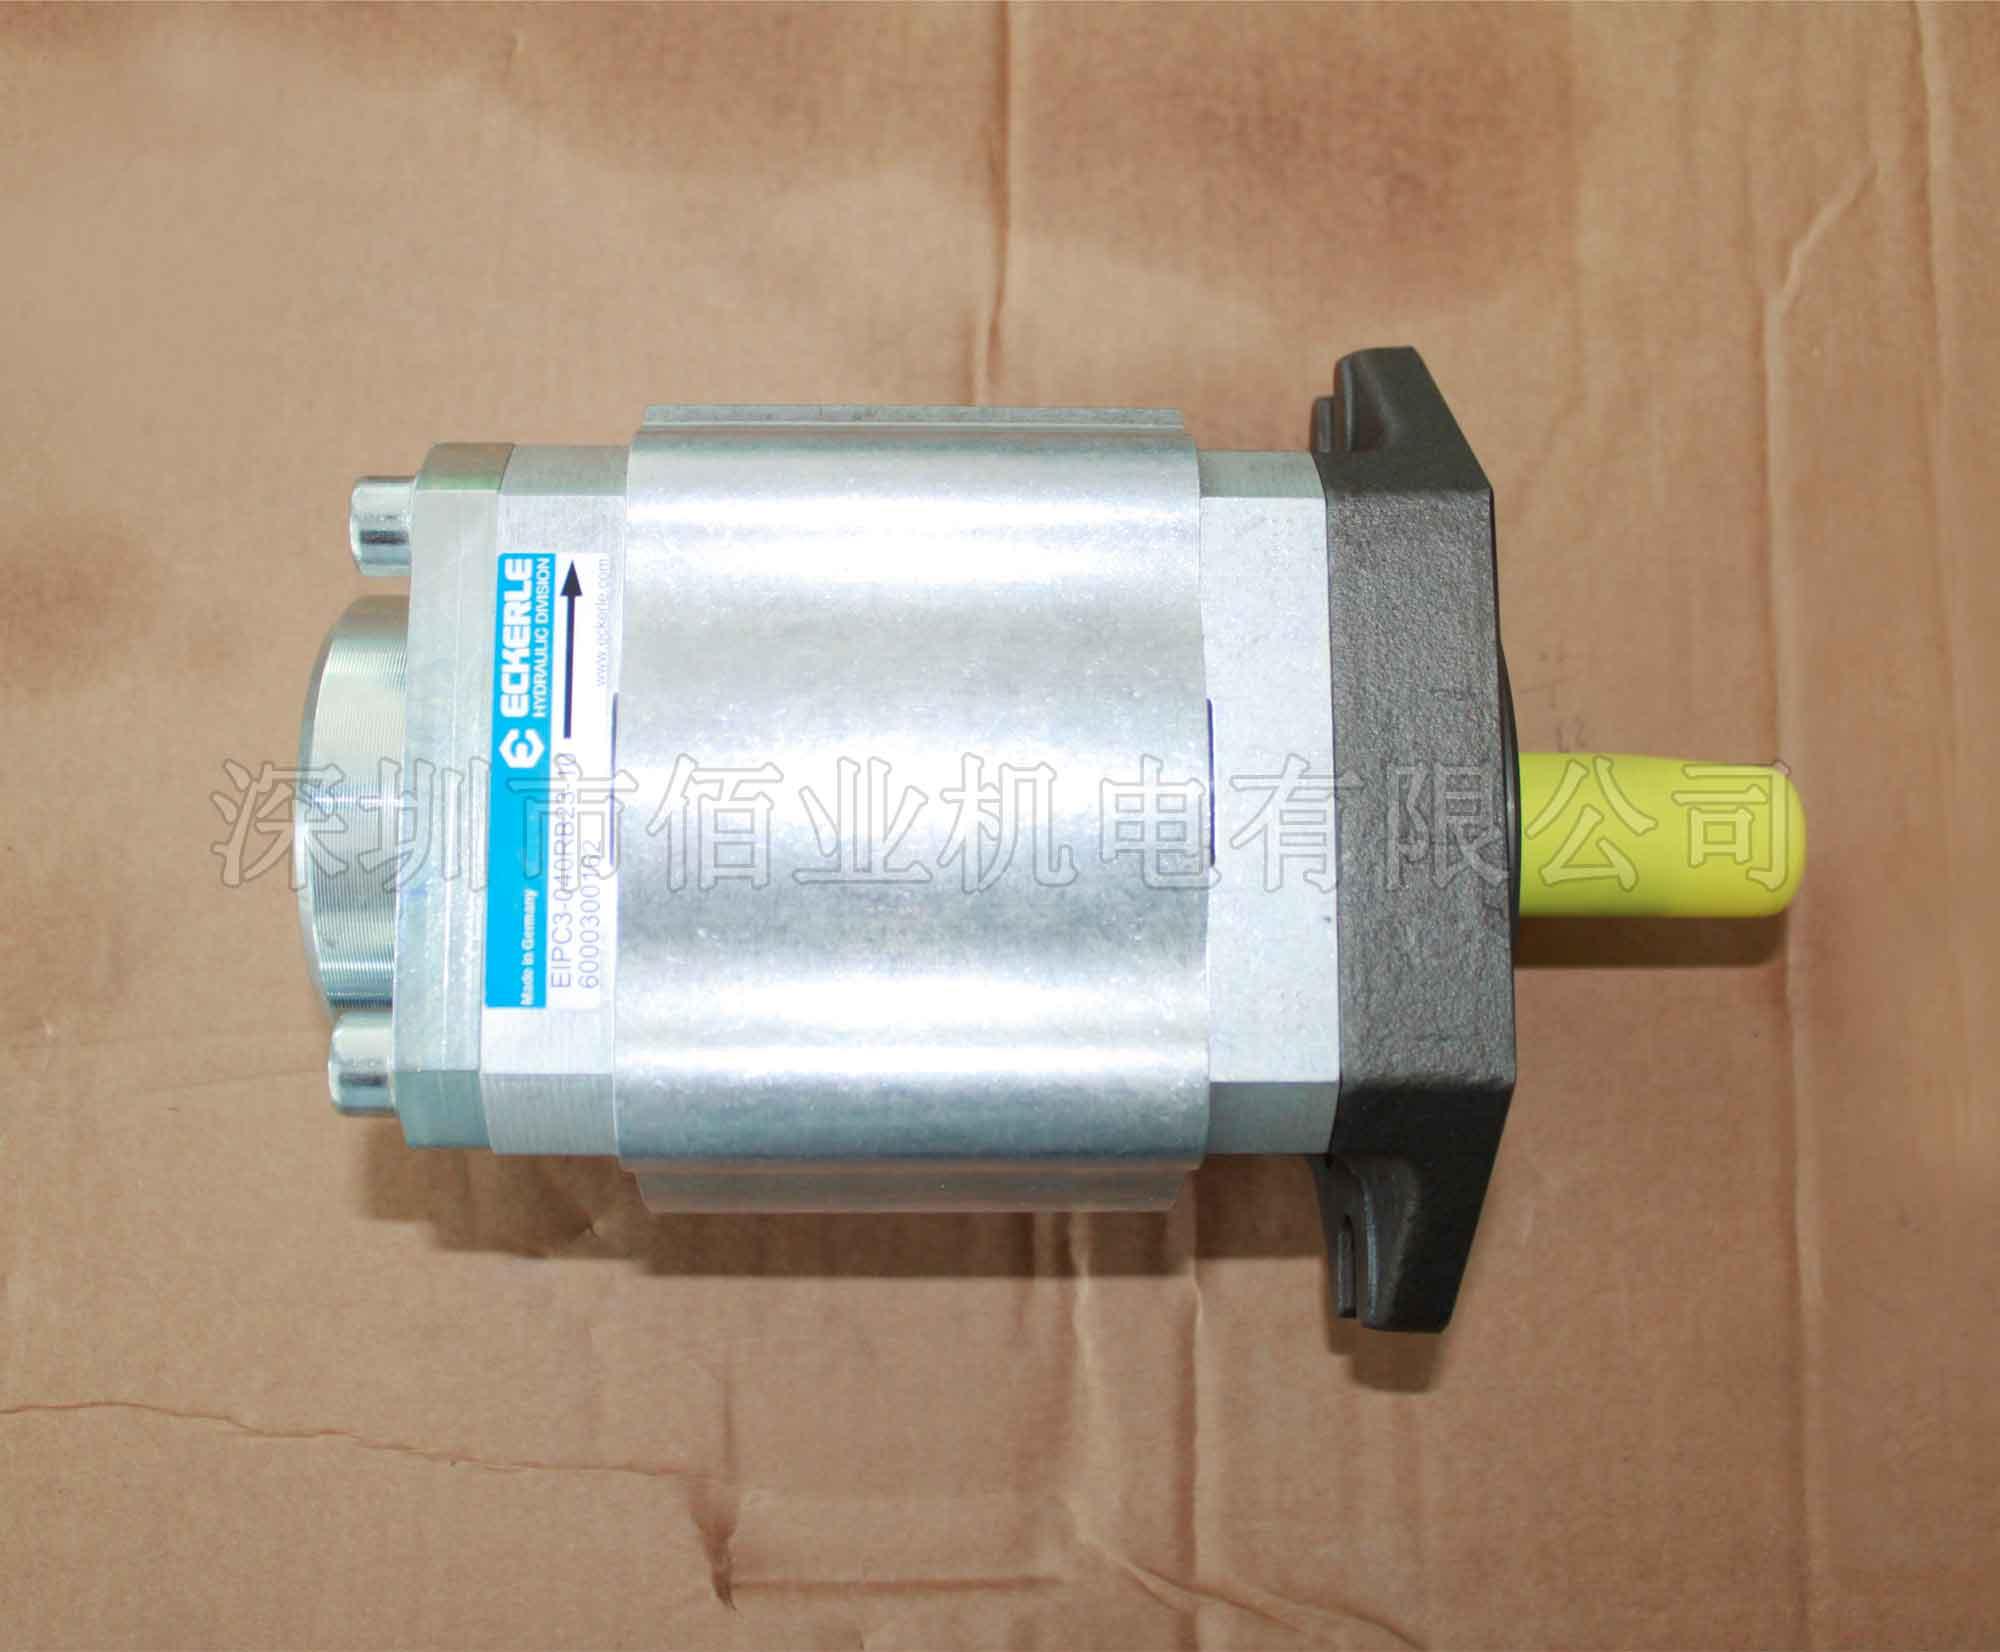 艾可勒內嚙合齒輪泵,EIPC3-040RB23-10